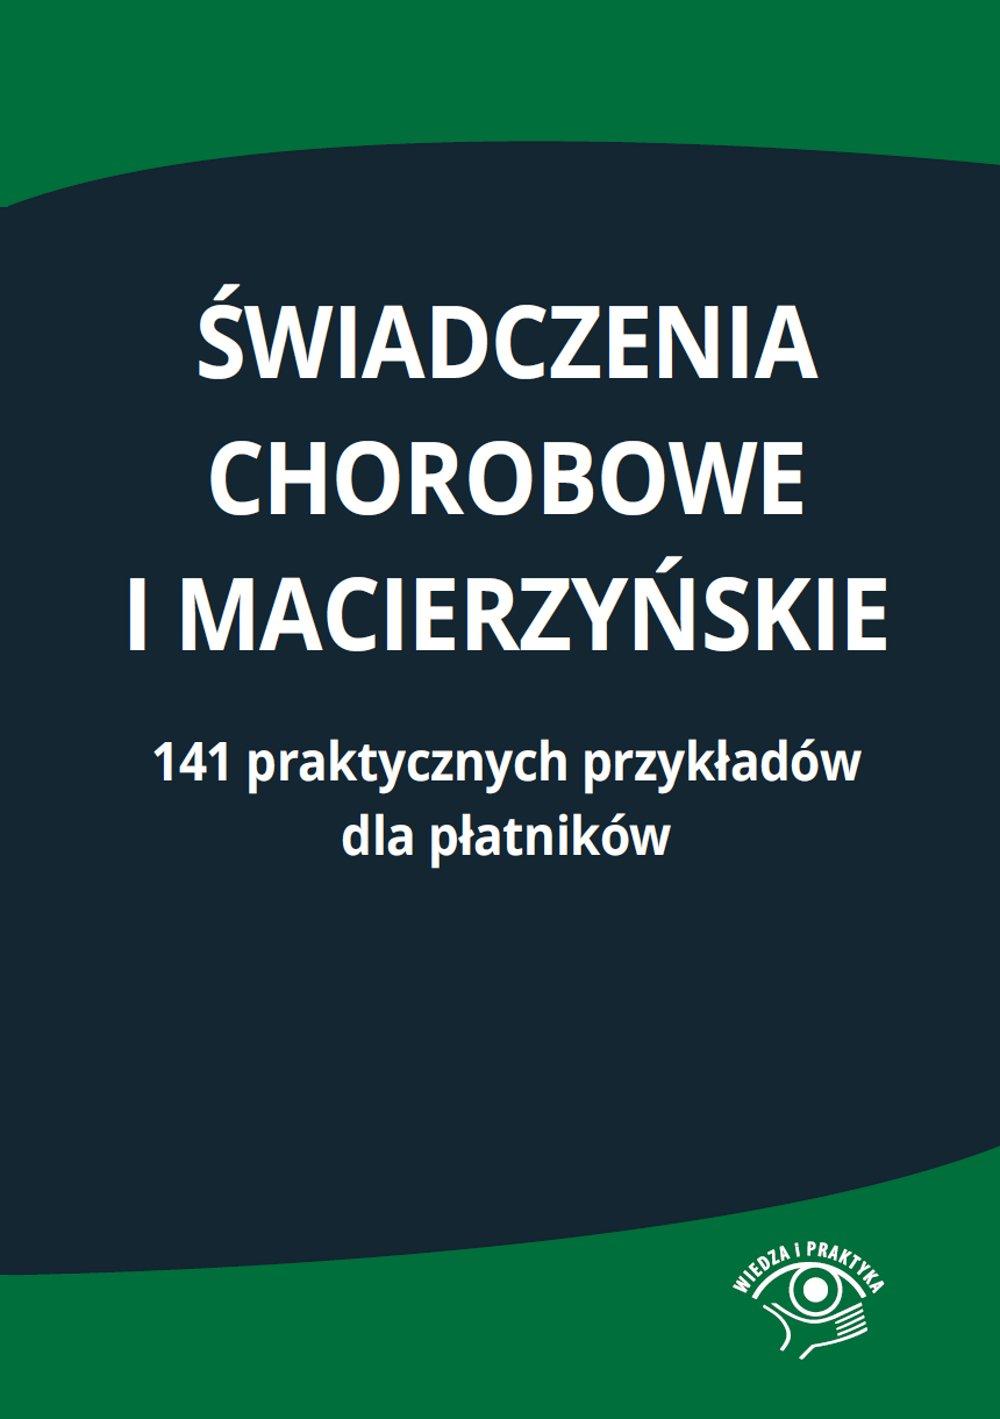 Świadczenia chorobowe i macierzyńskie. 141 praktycznych przykładów dla płatników - Ebook (Książka PDF) do pobrania w formacie PDF